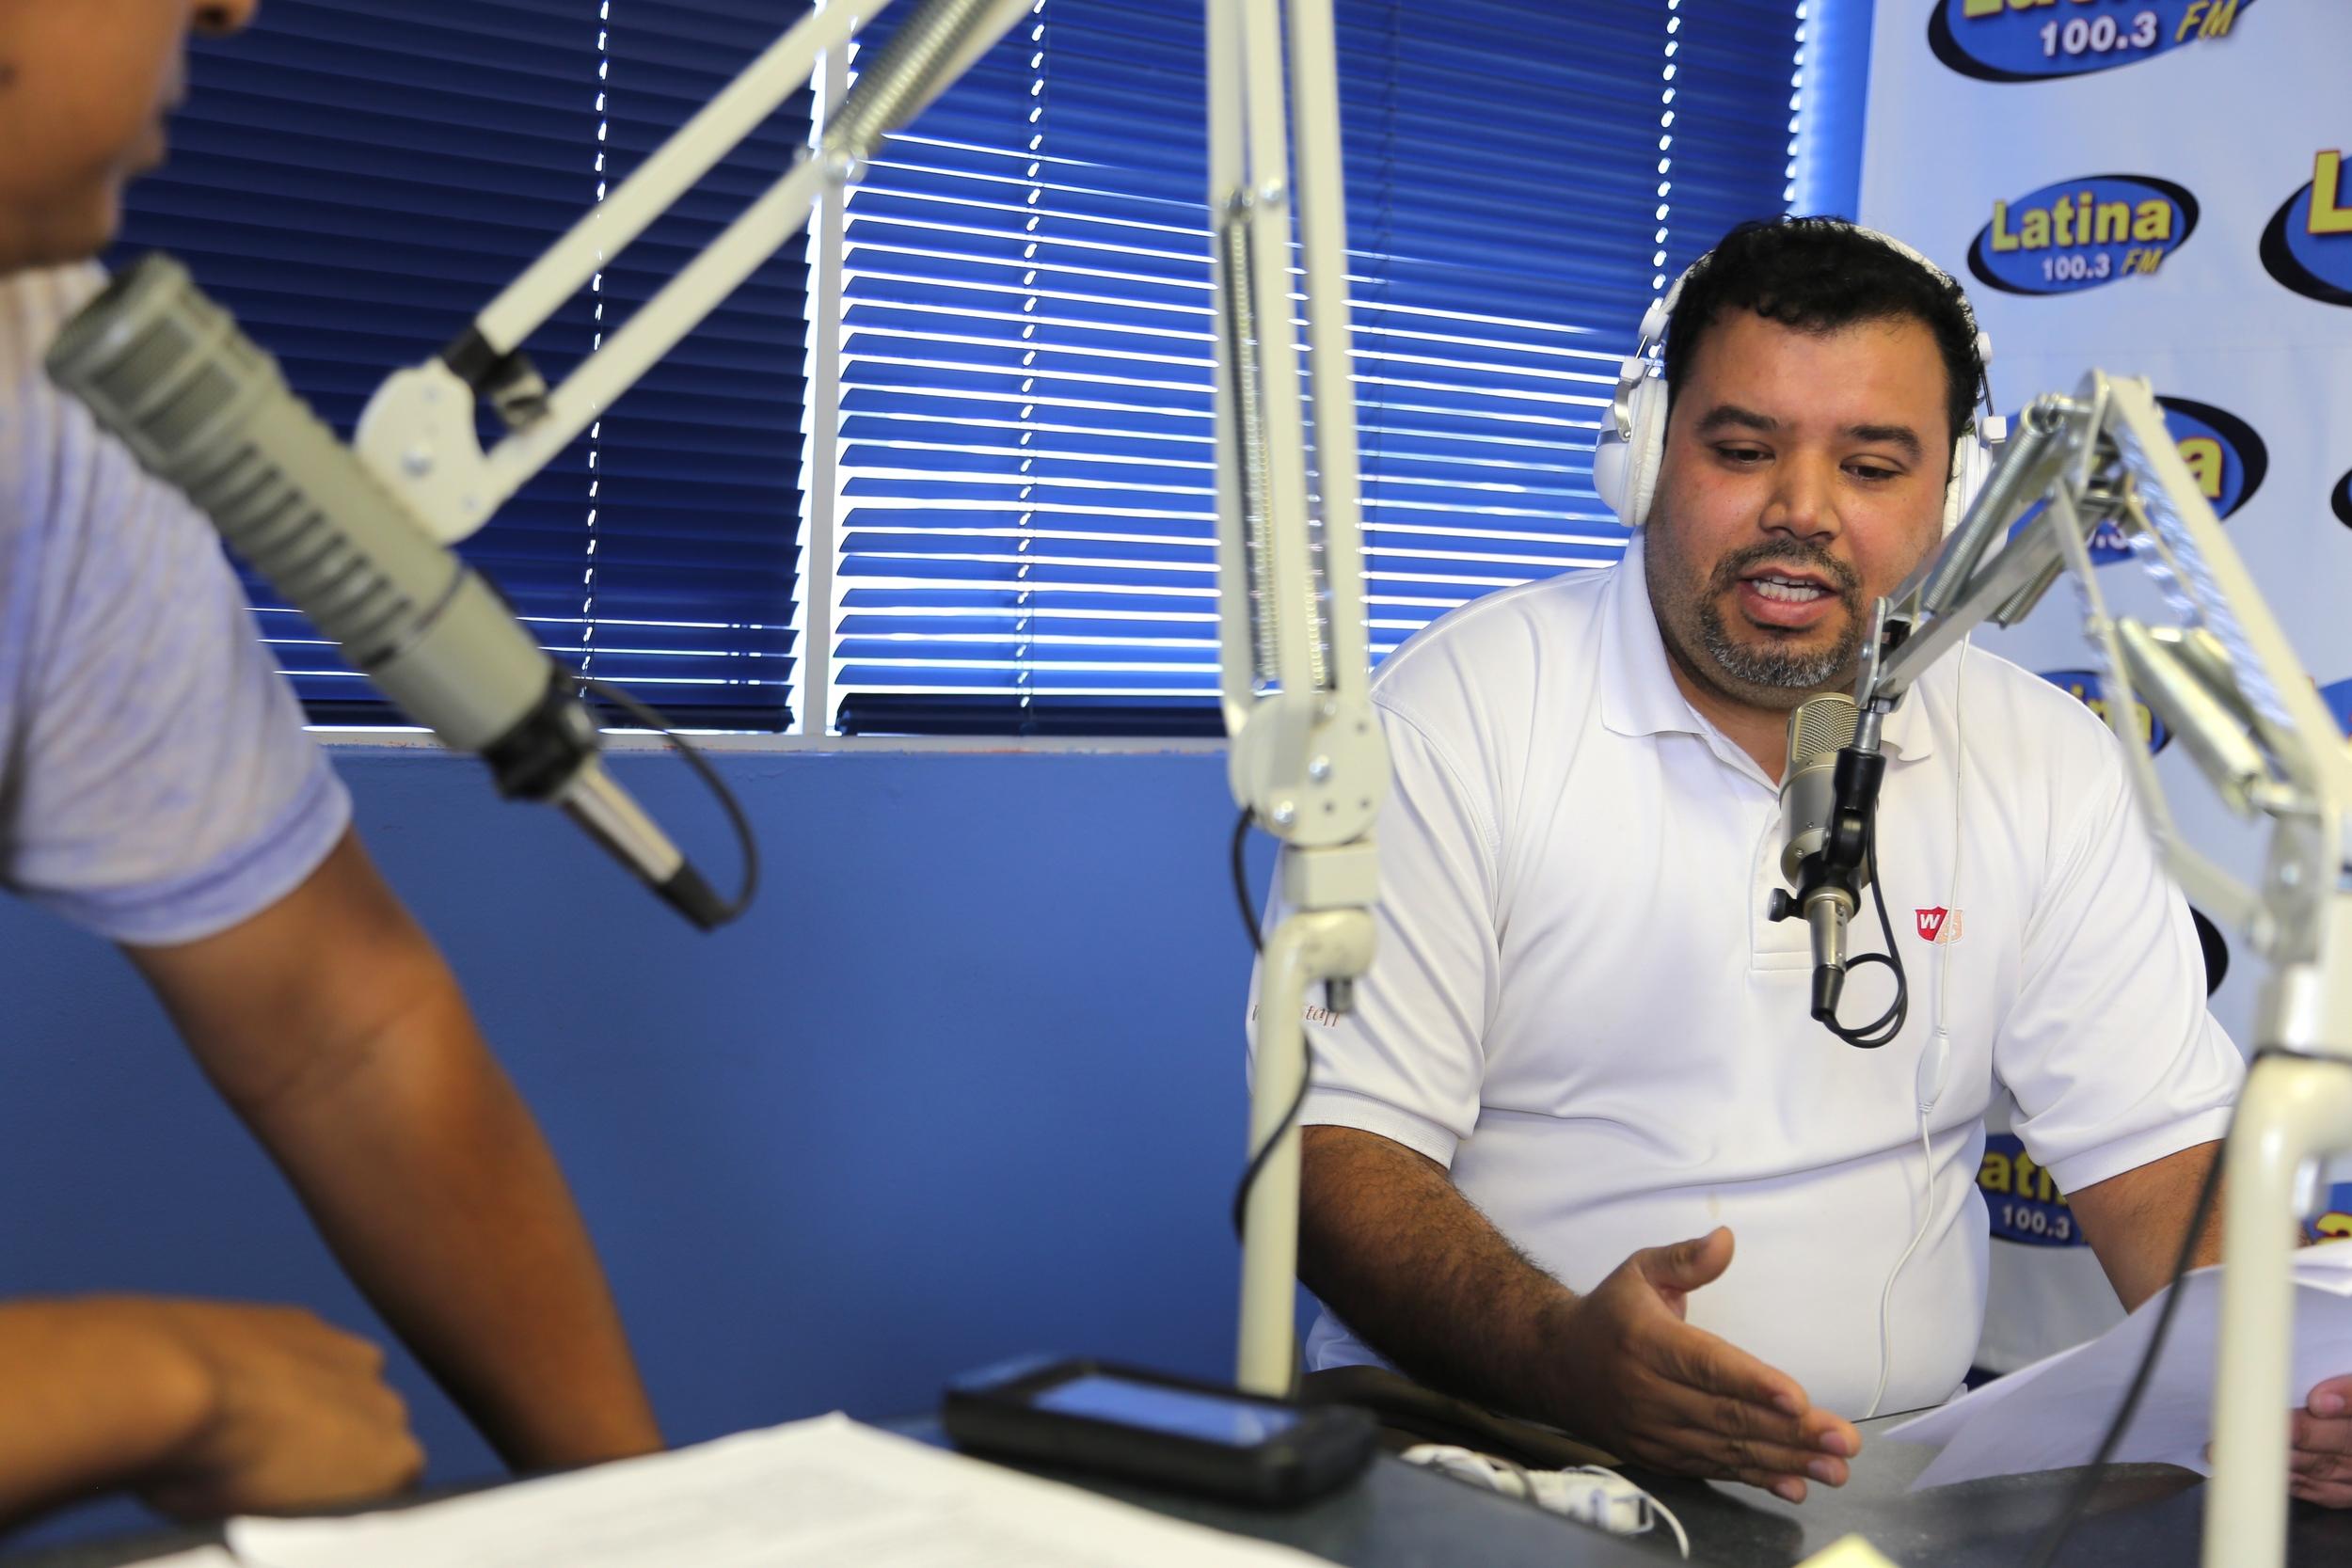 Gerardo Cortez va a hablar sobre nuestra campaña contra AvalonBay conla emisora Latina 100.3